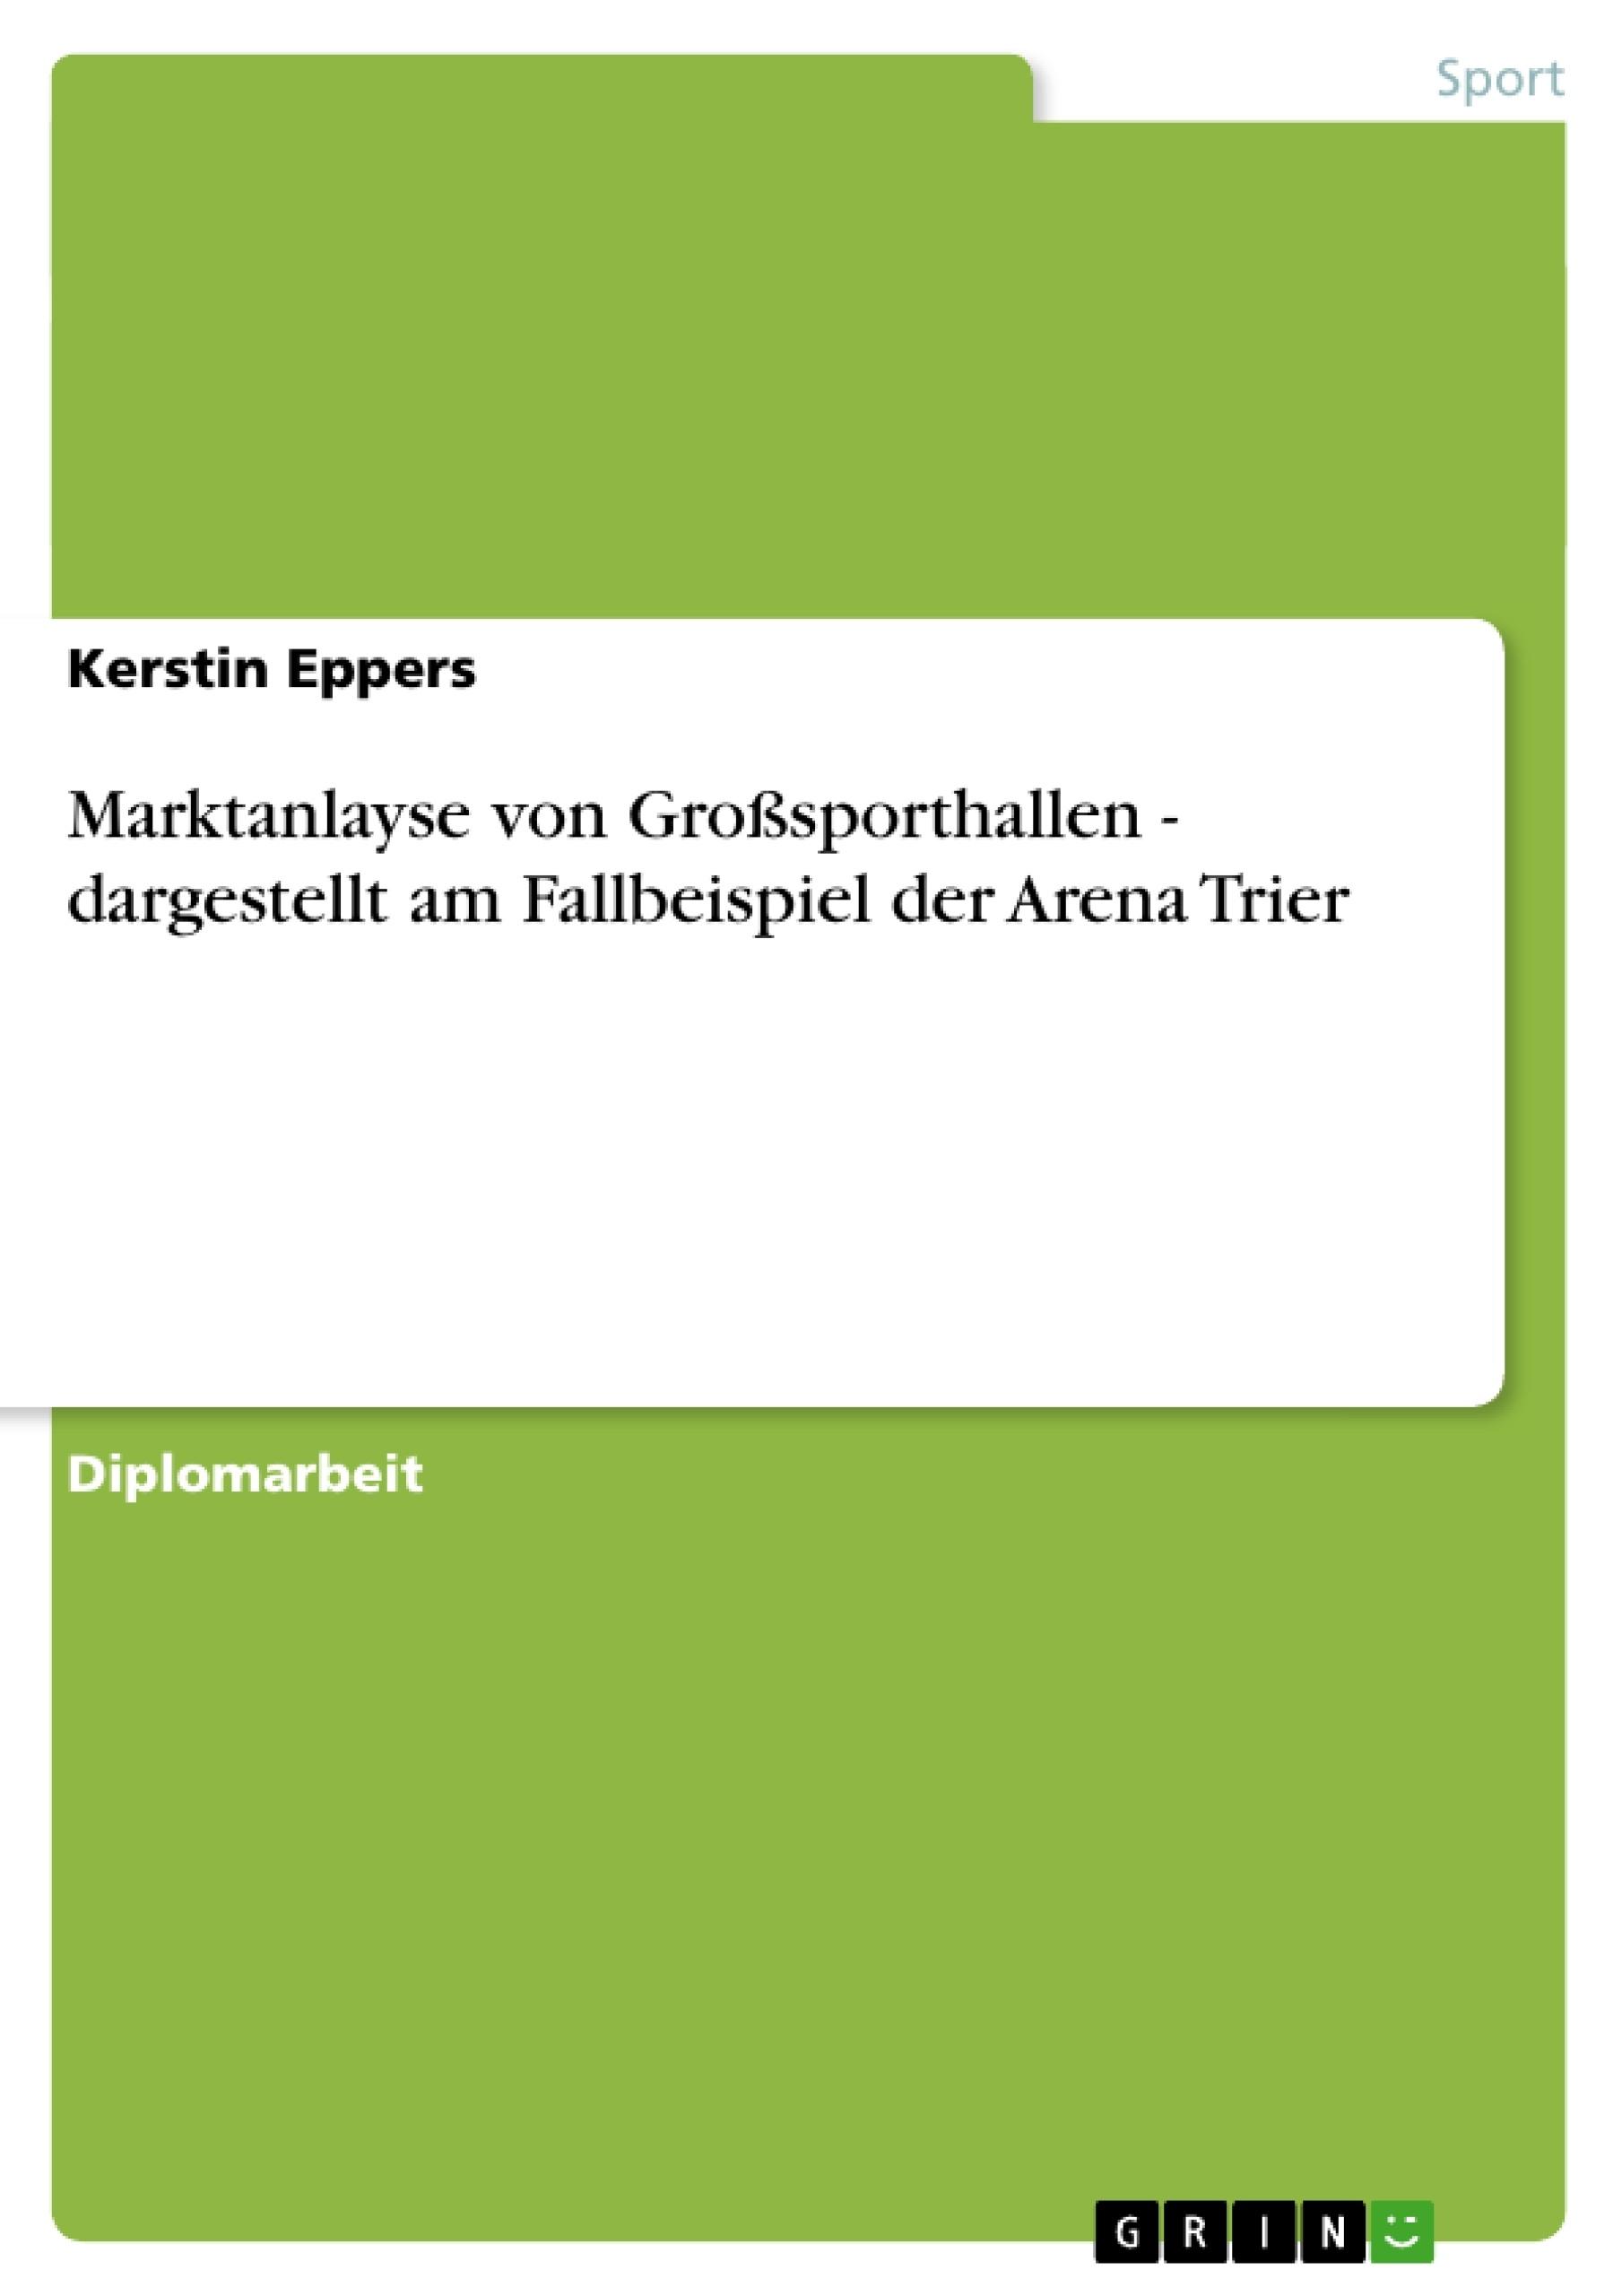 Titel: Marktanlayse von Großsporthallen - dargestellt am Fallbeispiel der Arena Trier